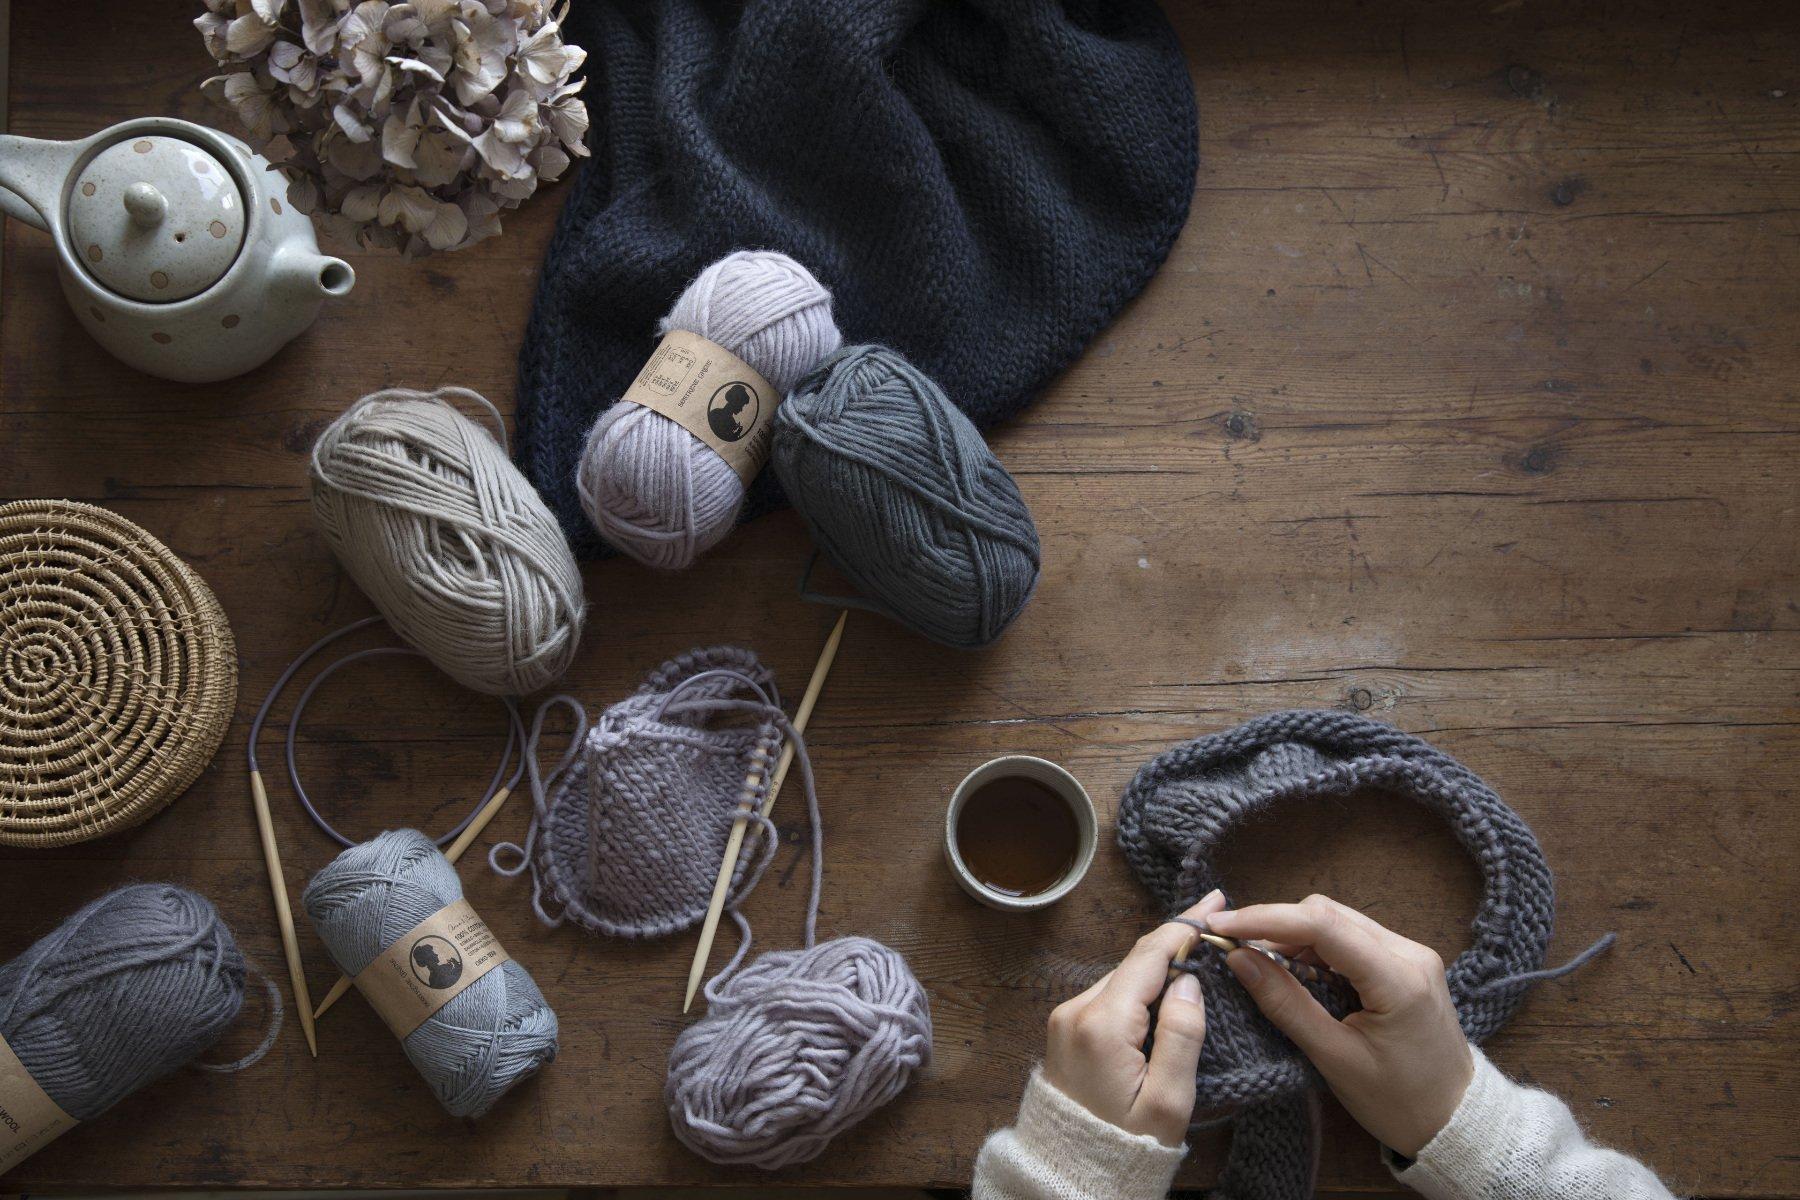 SostreneGrene hygge moment knitting cozy